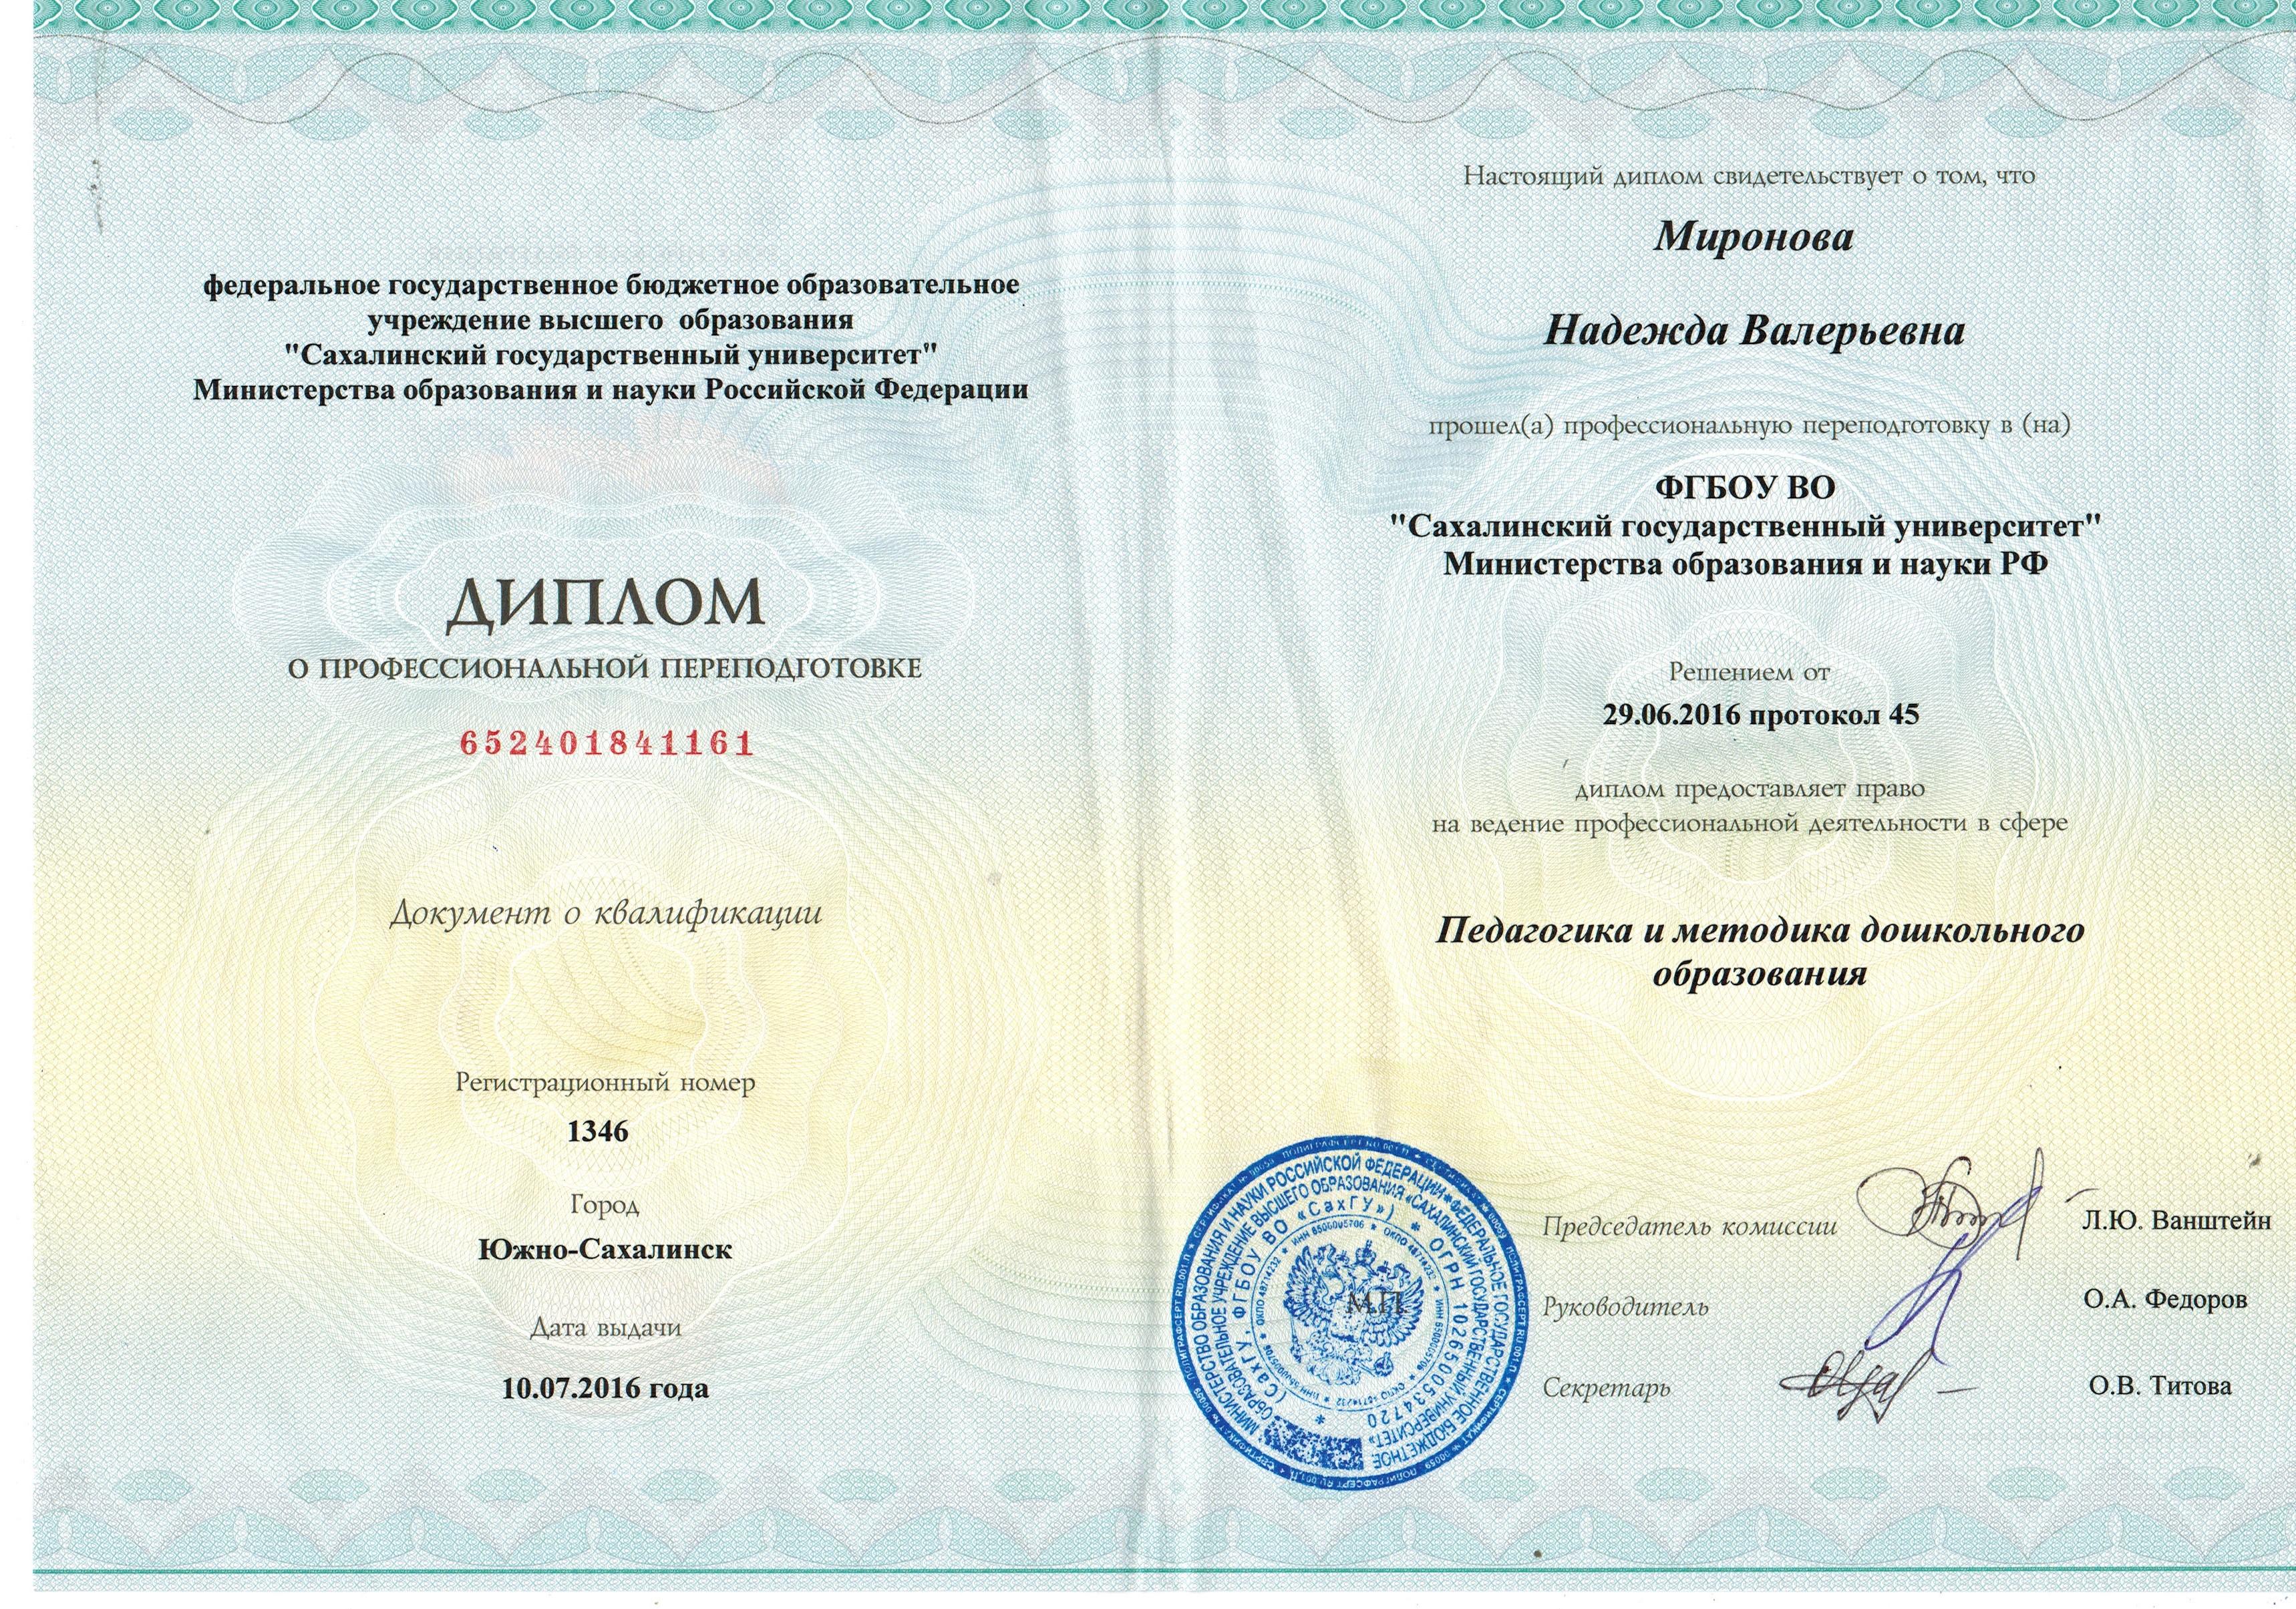 Куплю диплом реестром в украине на настоящий ГОЗНАК куплю диплом реестром в украине на 450 у е Заказать документ Заказать документ Диплом специалиста года Диплом бакалавра года нового